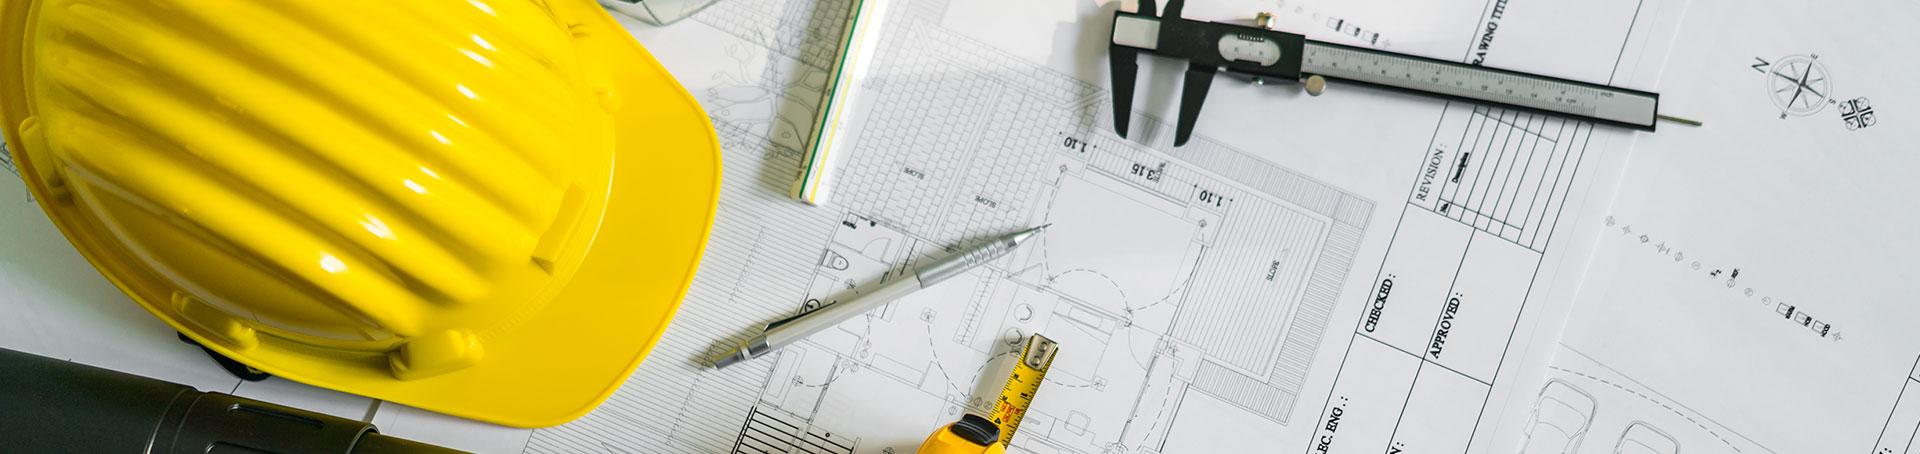 Oliwa Construction - polska firma kontraktorska na remonty w Nowym Jorku